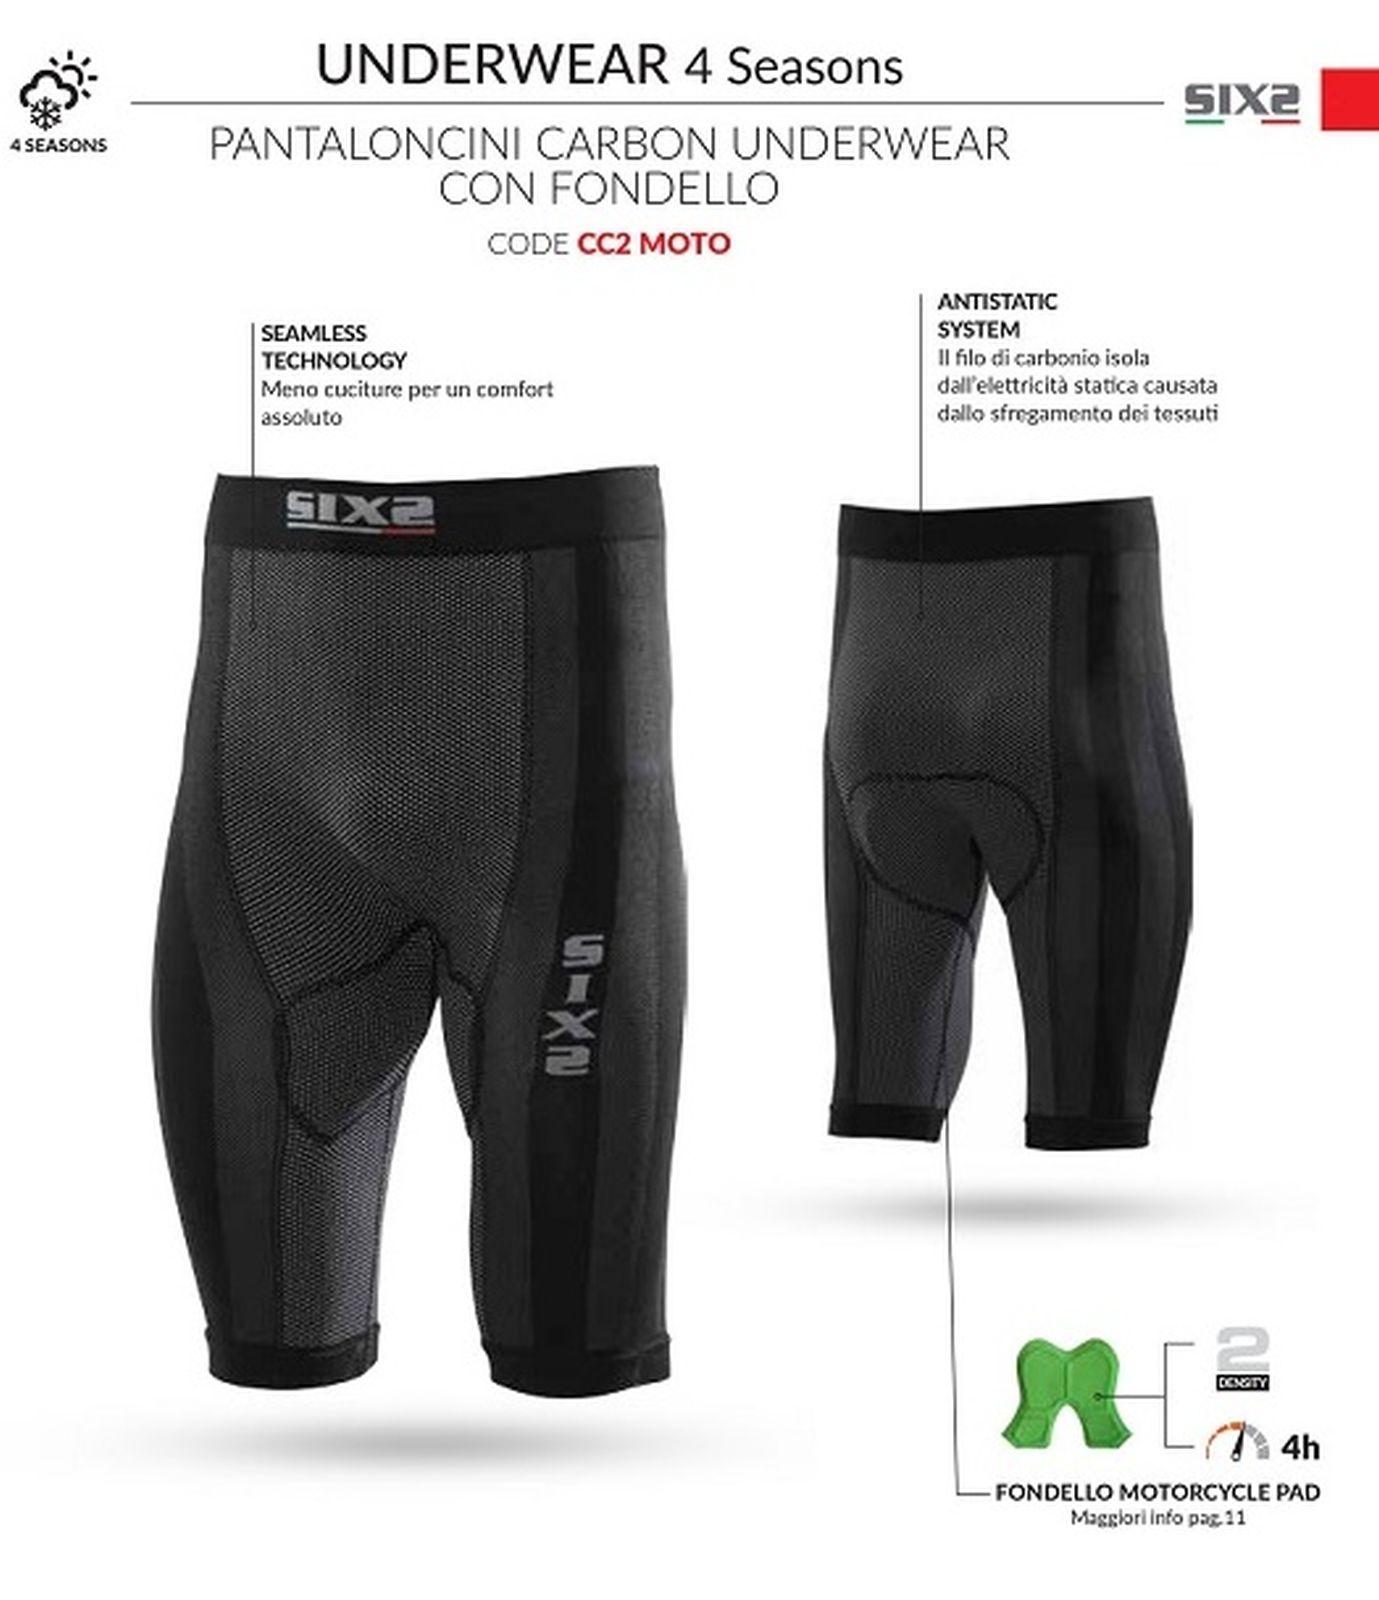 PANTALONCINI CARBON UNDERWEAR CON FONDELLO